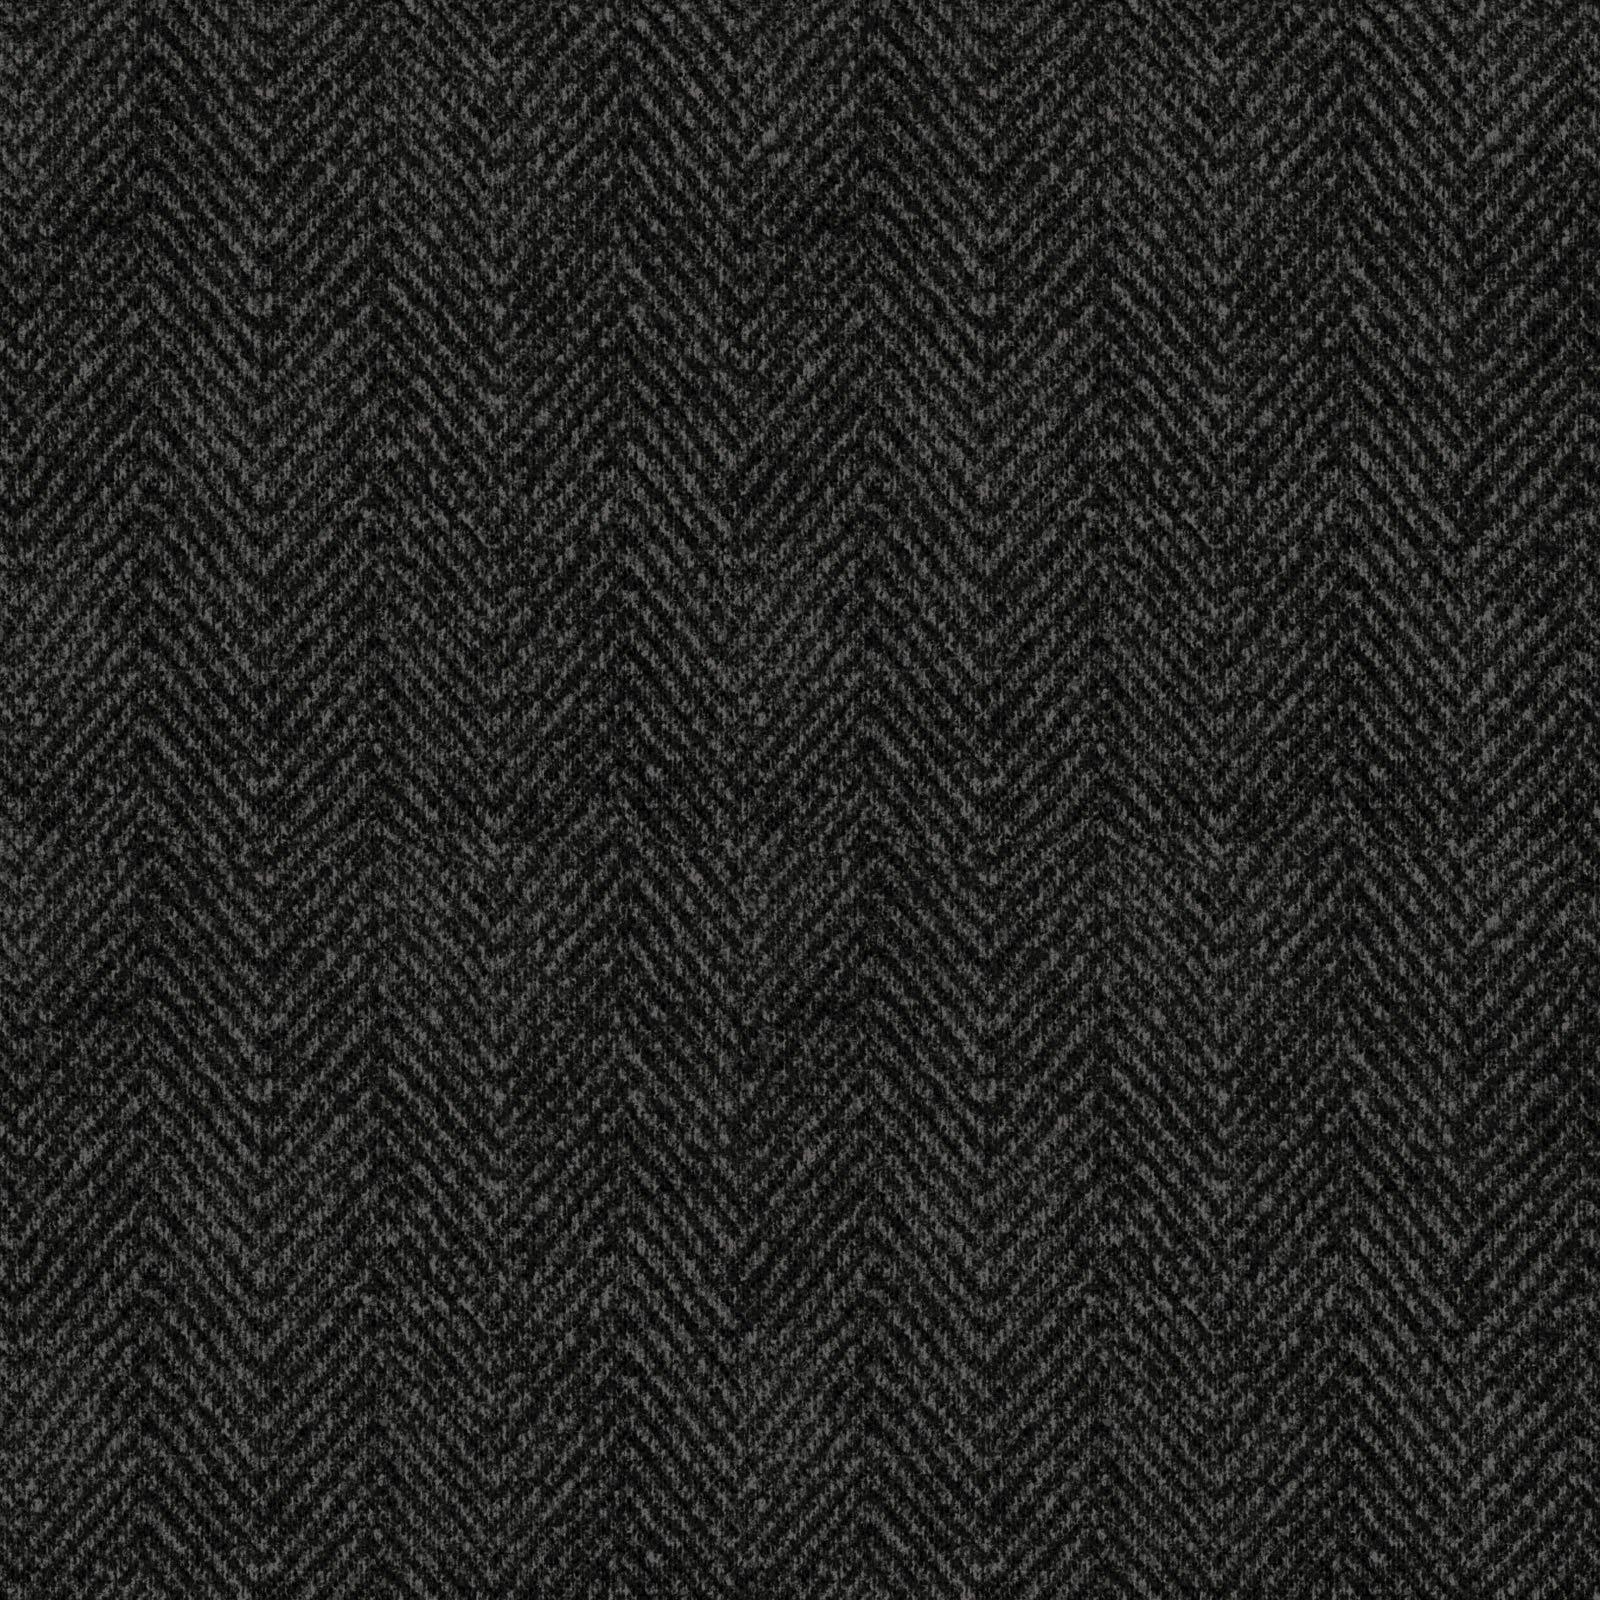 Woolies Flannel Herringbone Black (MASF1841-K4)